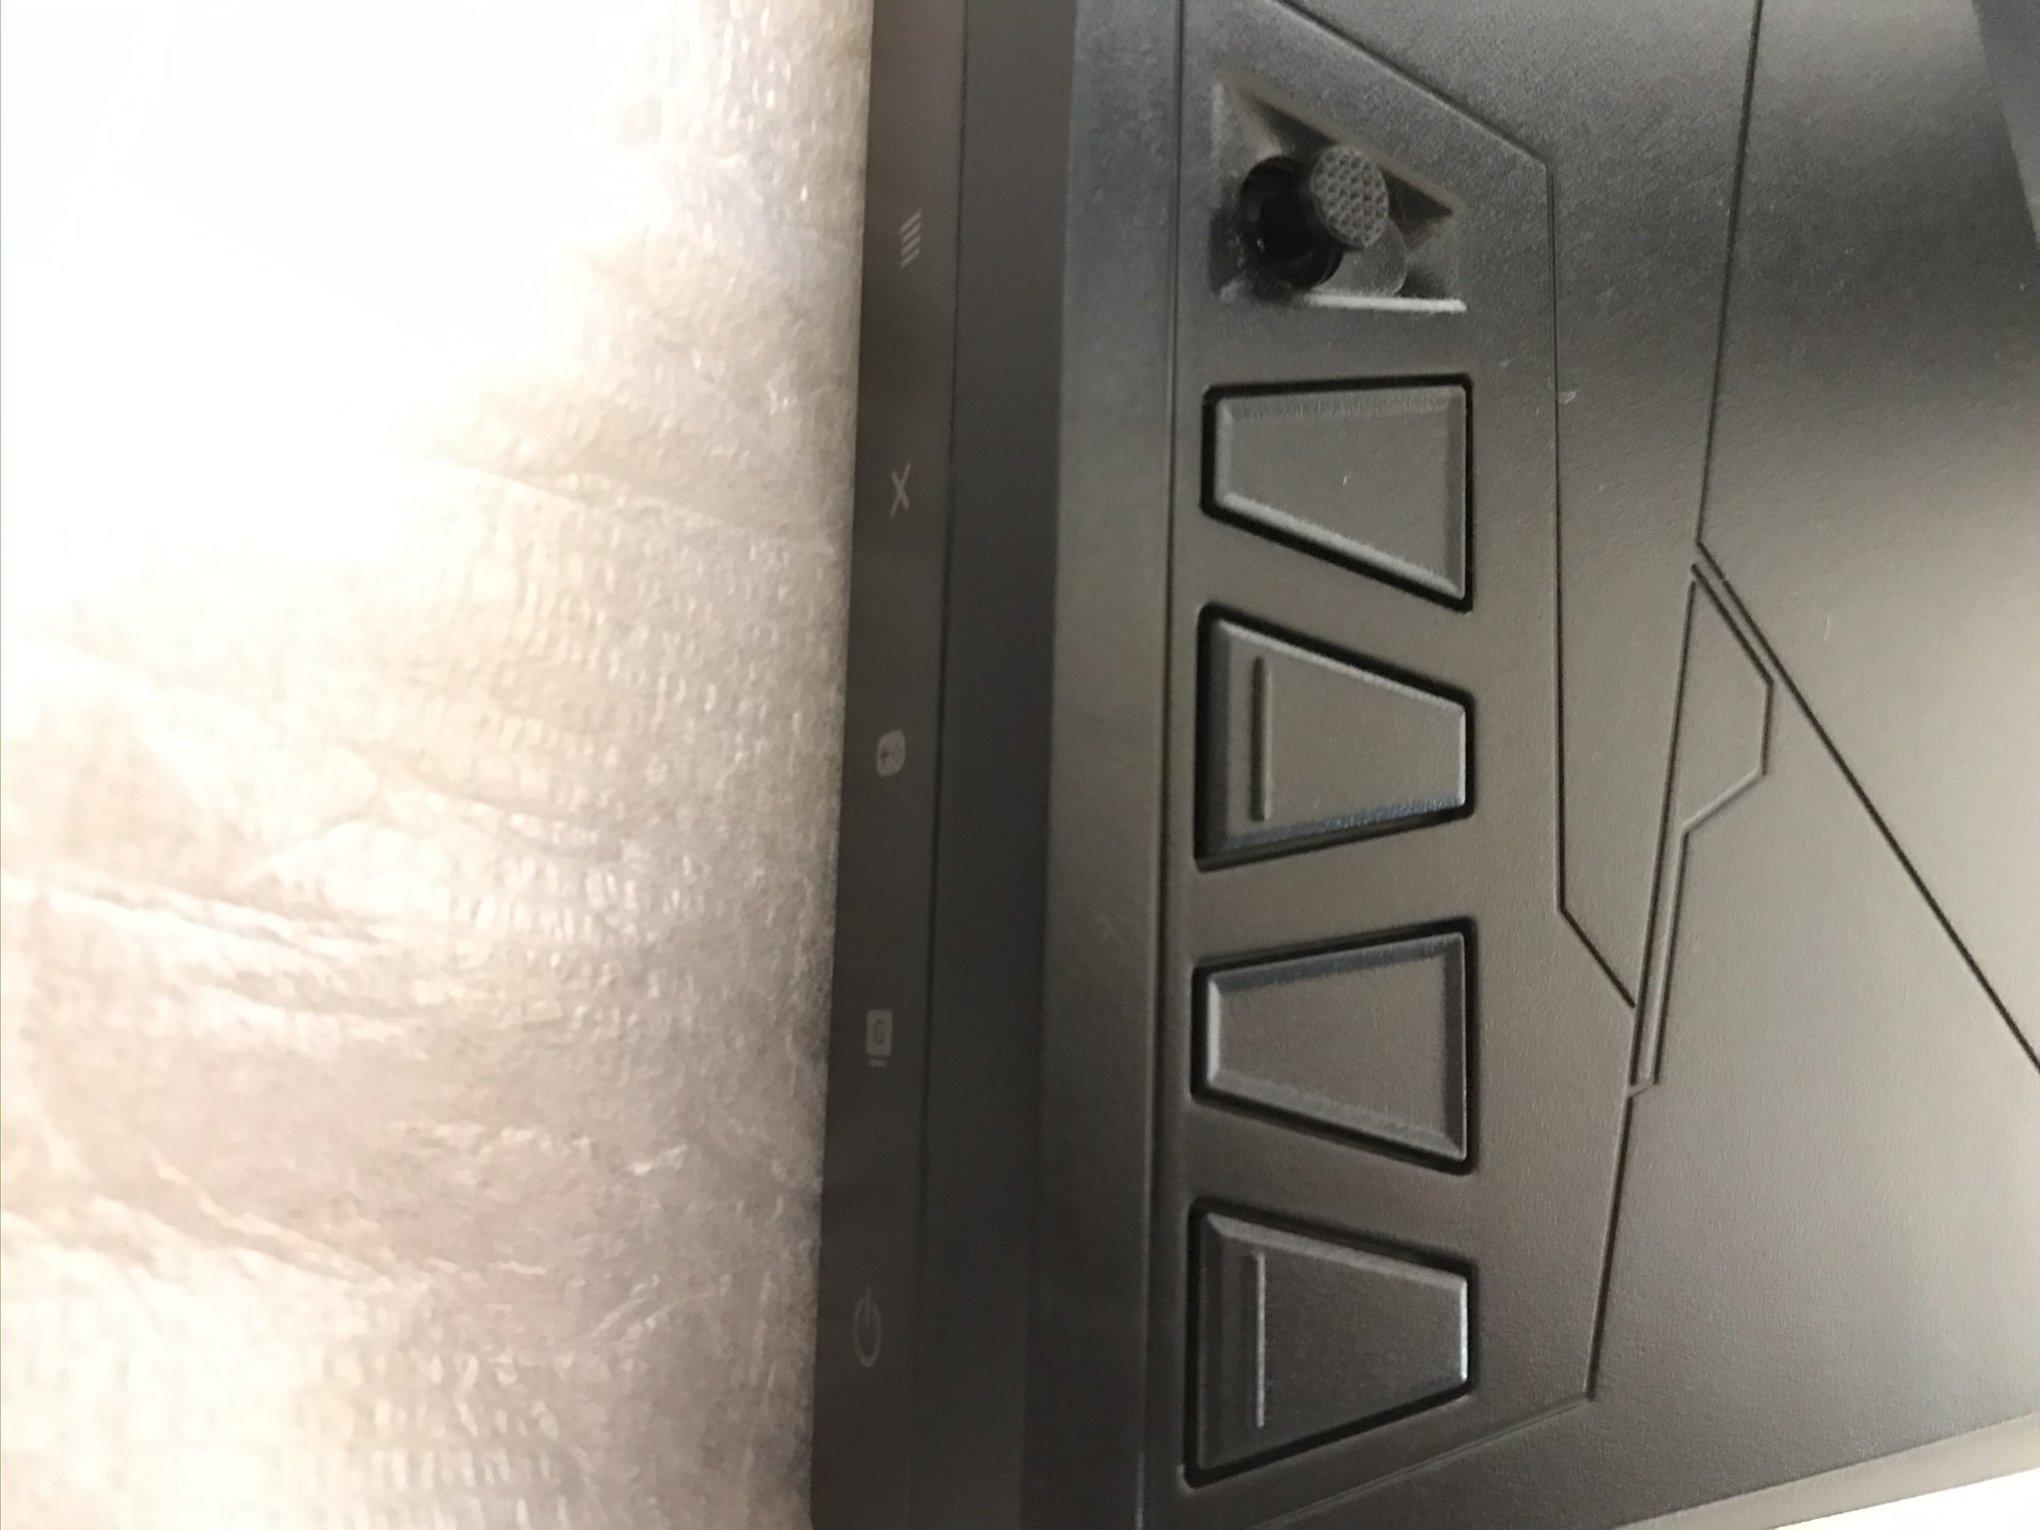 ASUS24.5インチ165Hzモニター操作ボタン